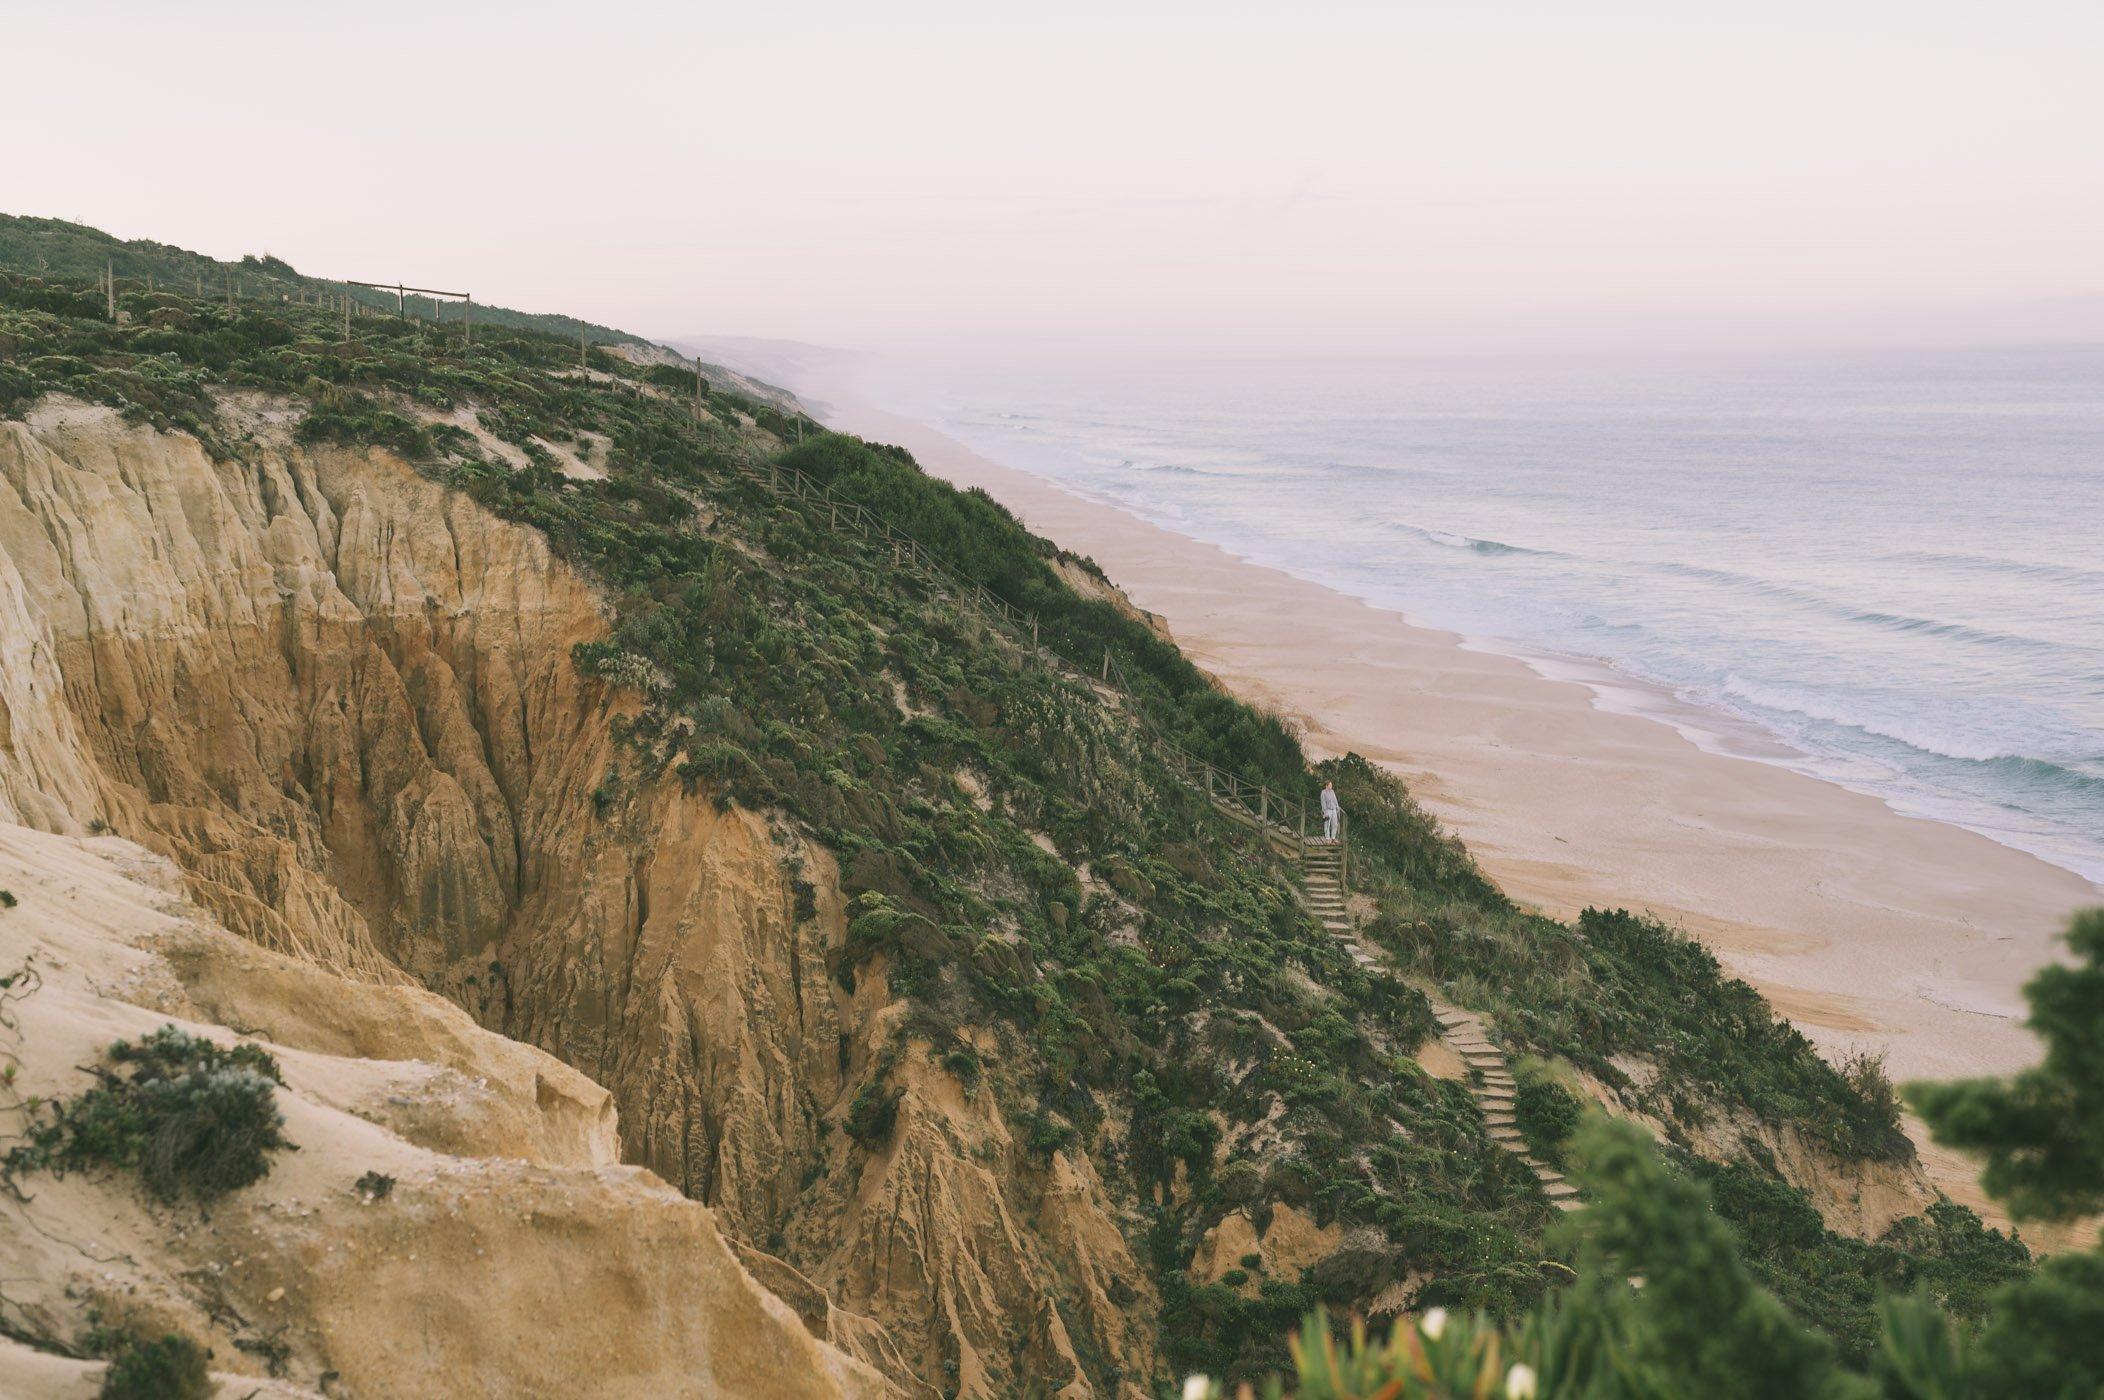 * Praia da Galé - Fontainhas - is located South of Comporta along the Atlantic coast of Portugal's Alentejo region.